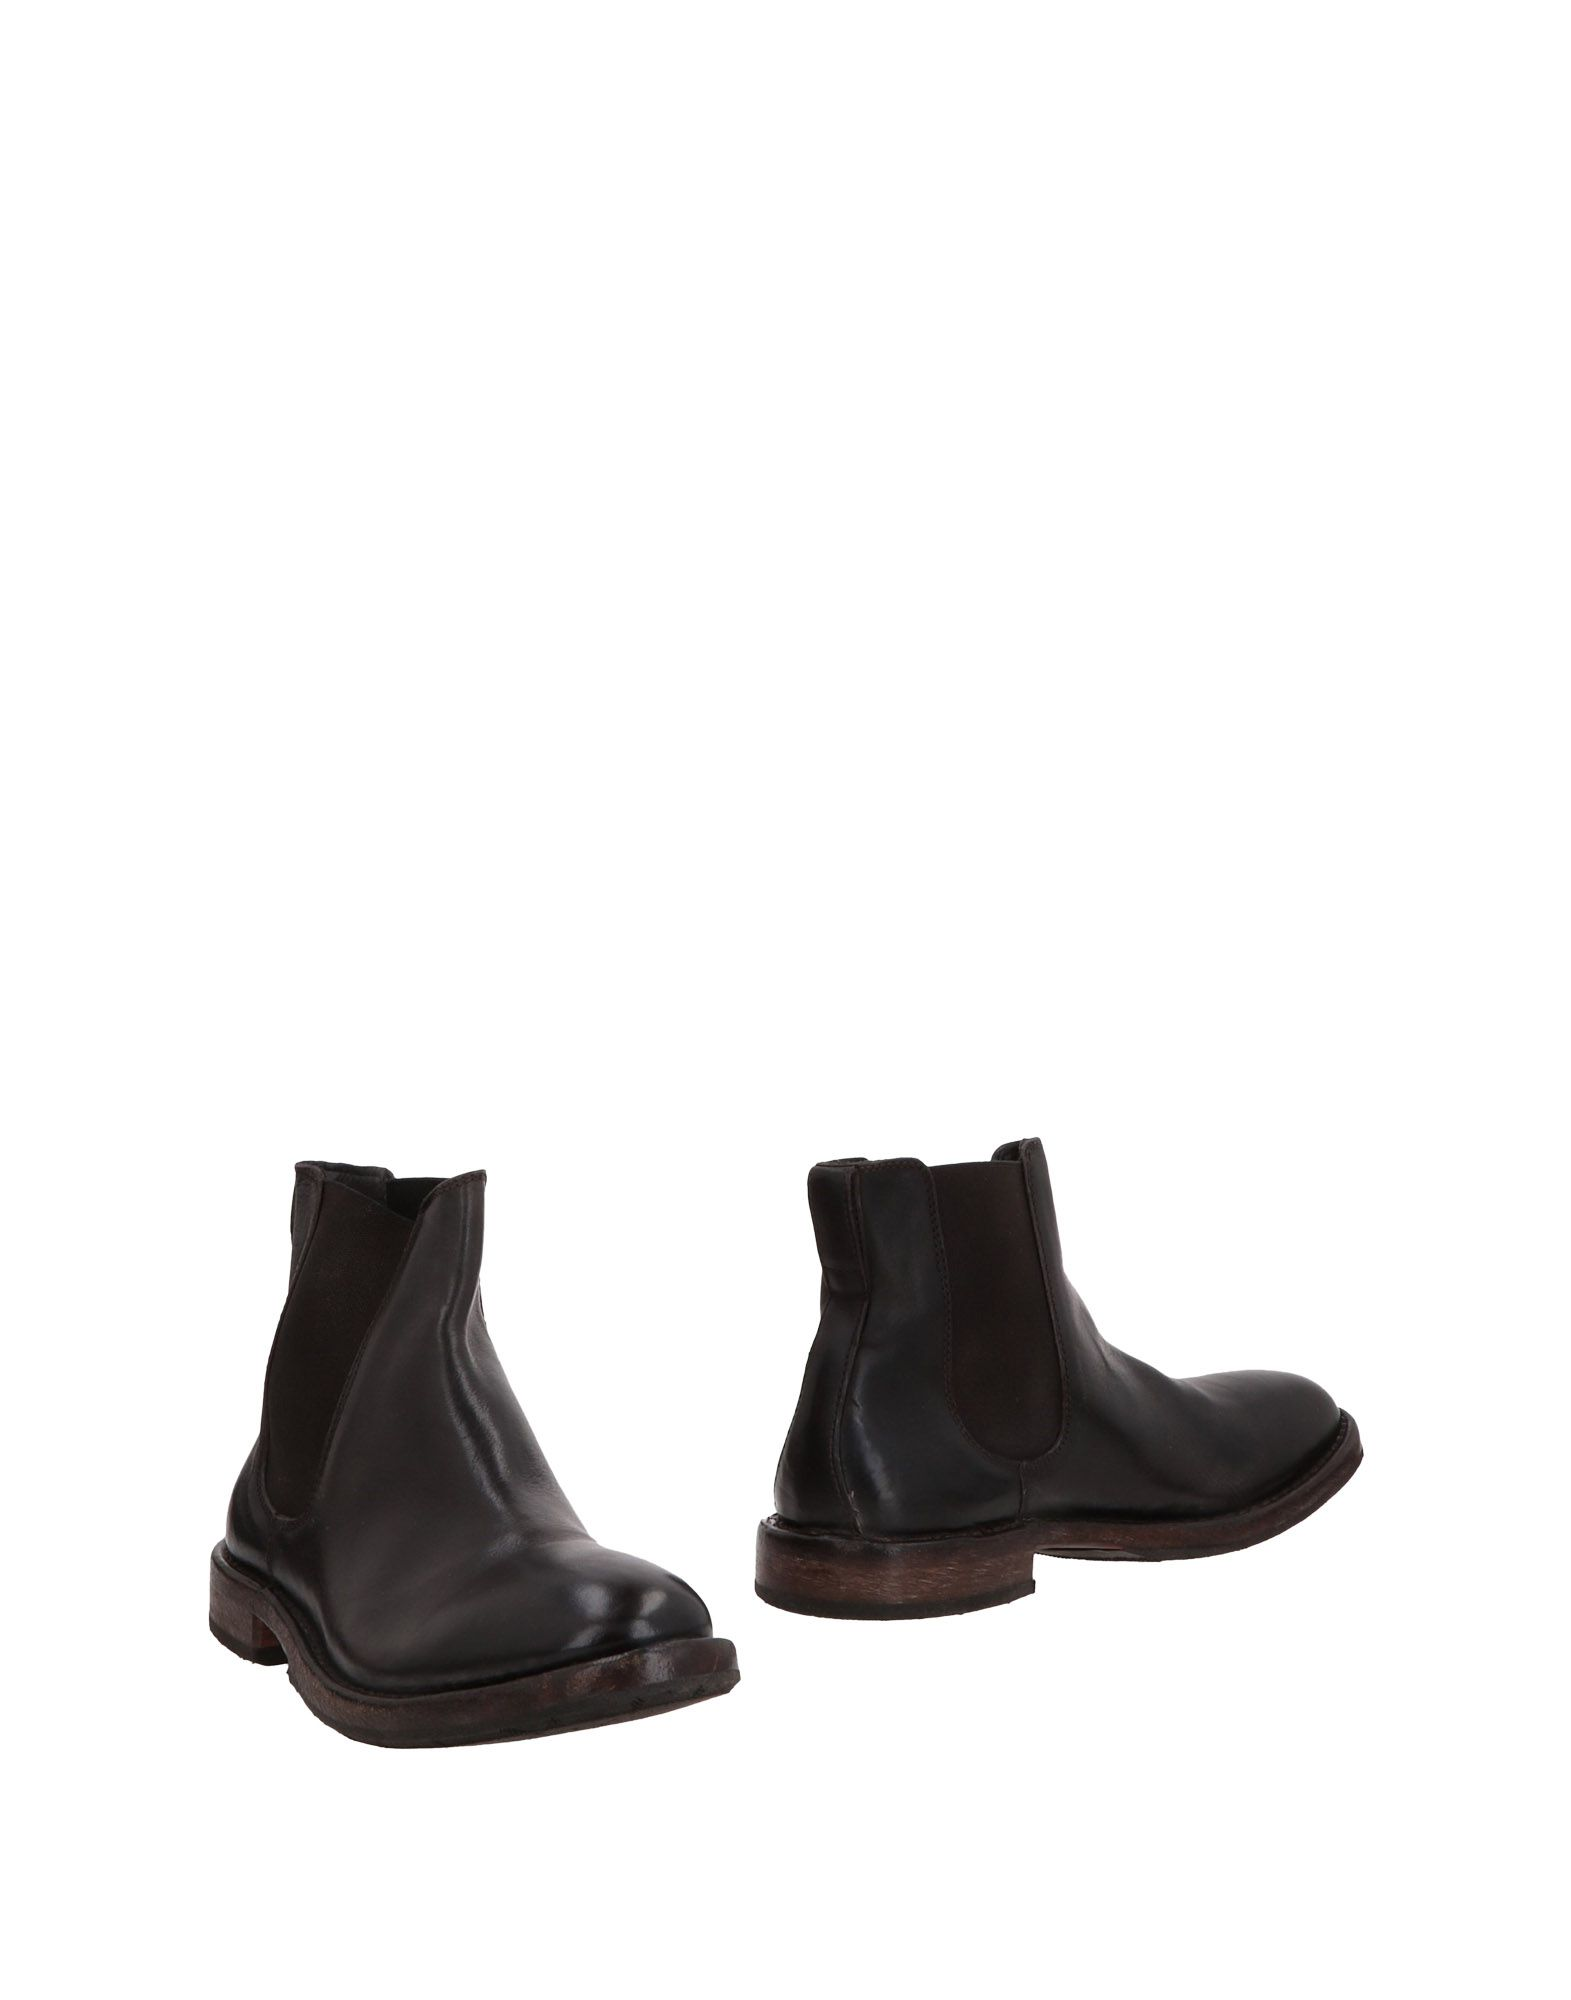 Moma Stiefelette Herren  11471637FV Gute Qualität beliebte Schuhe